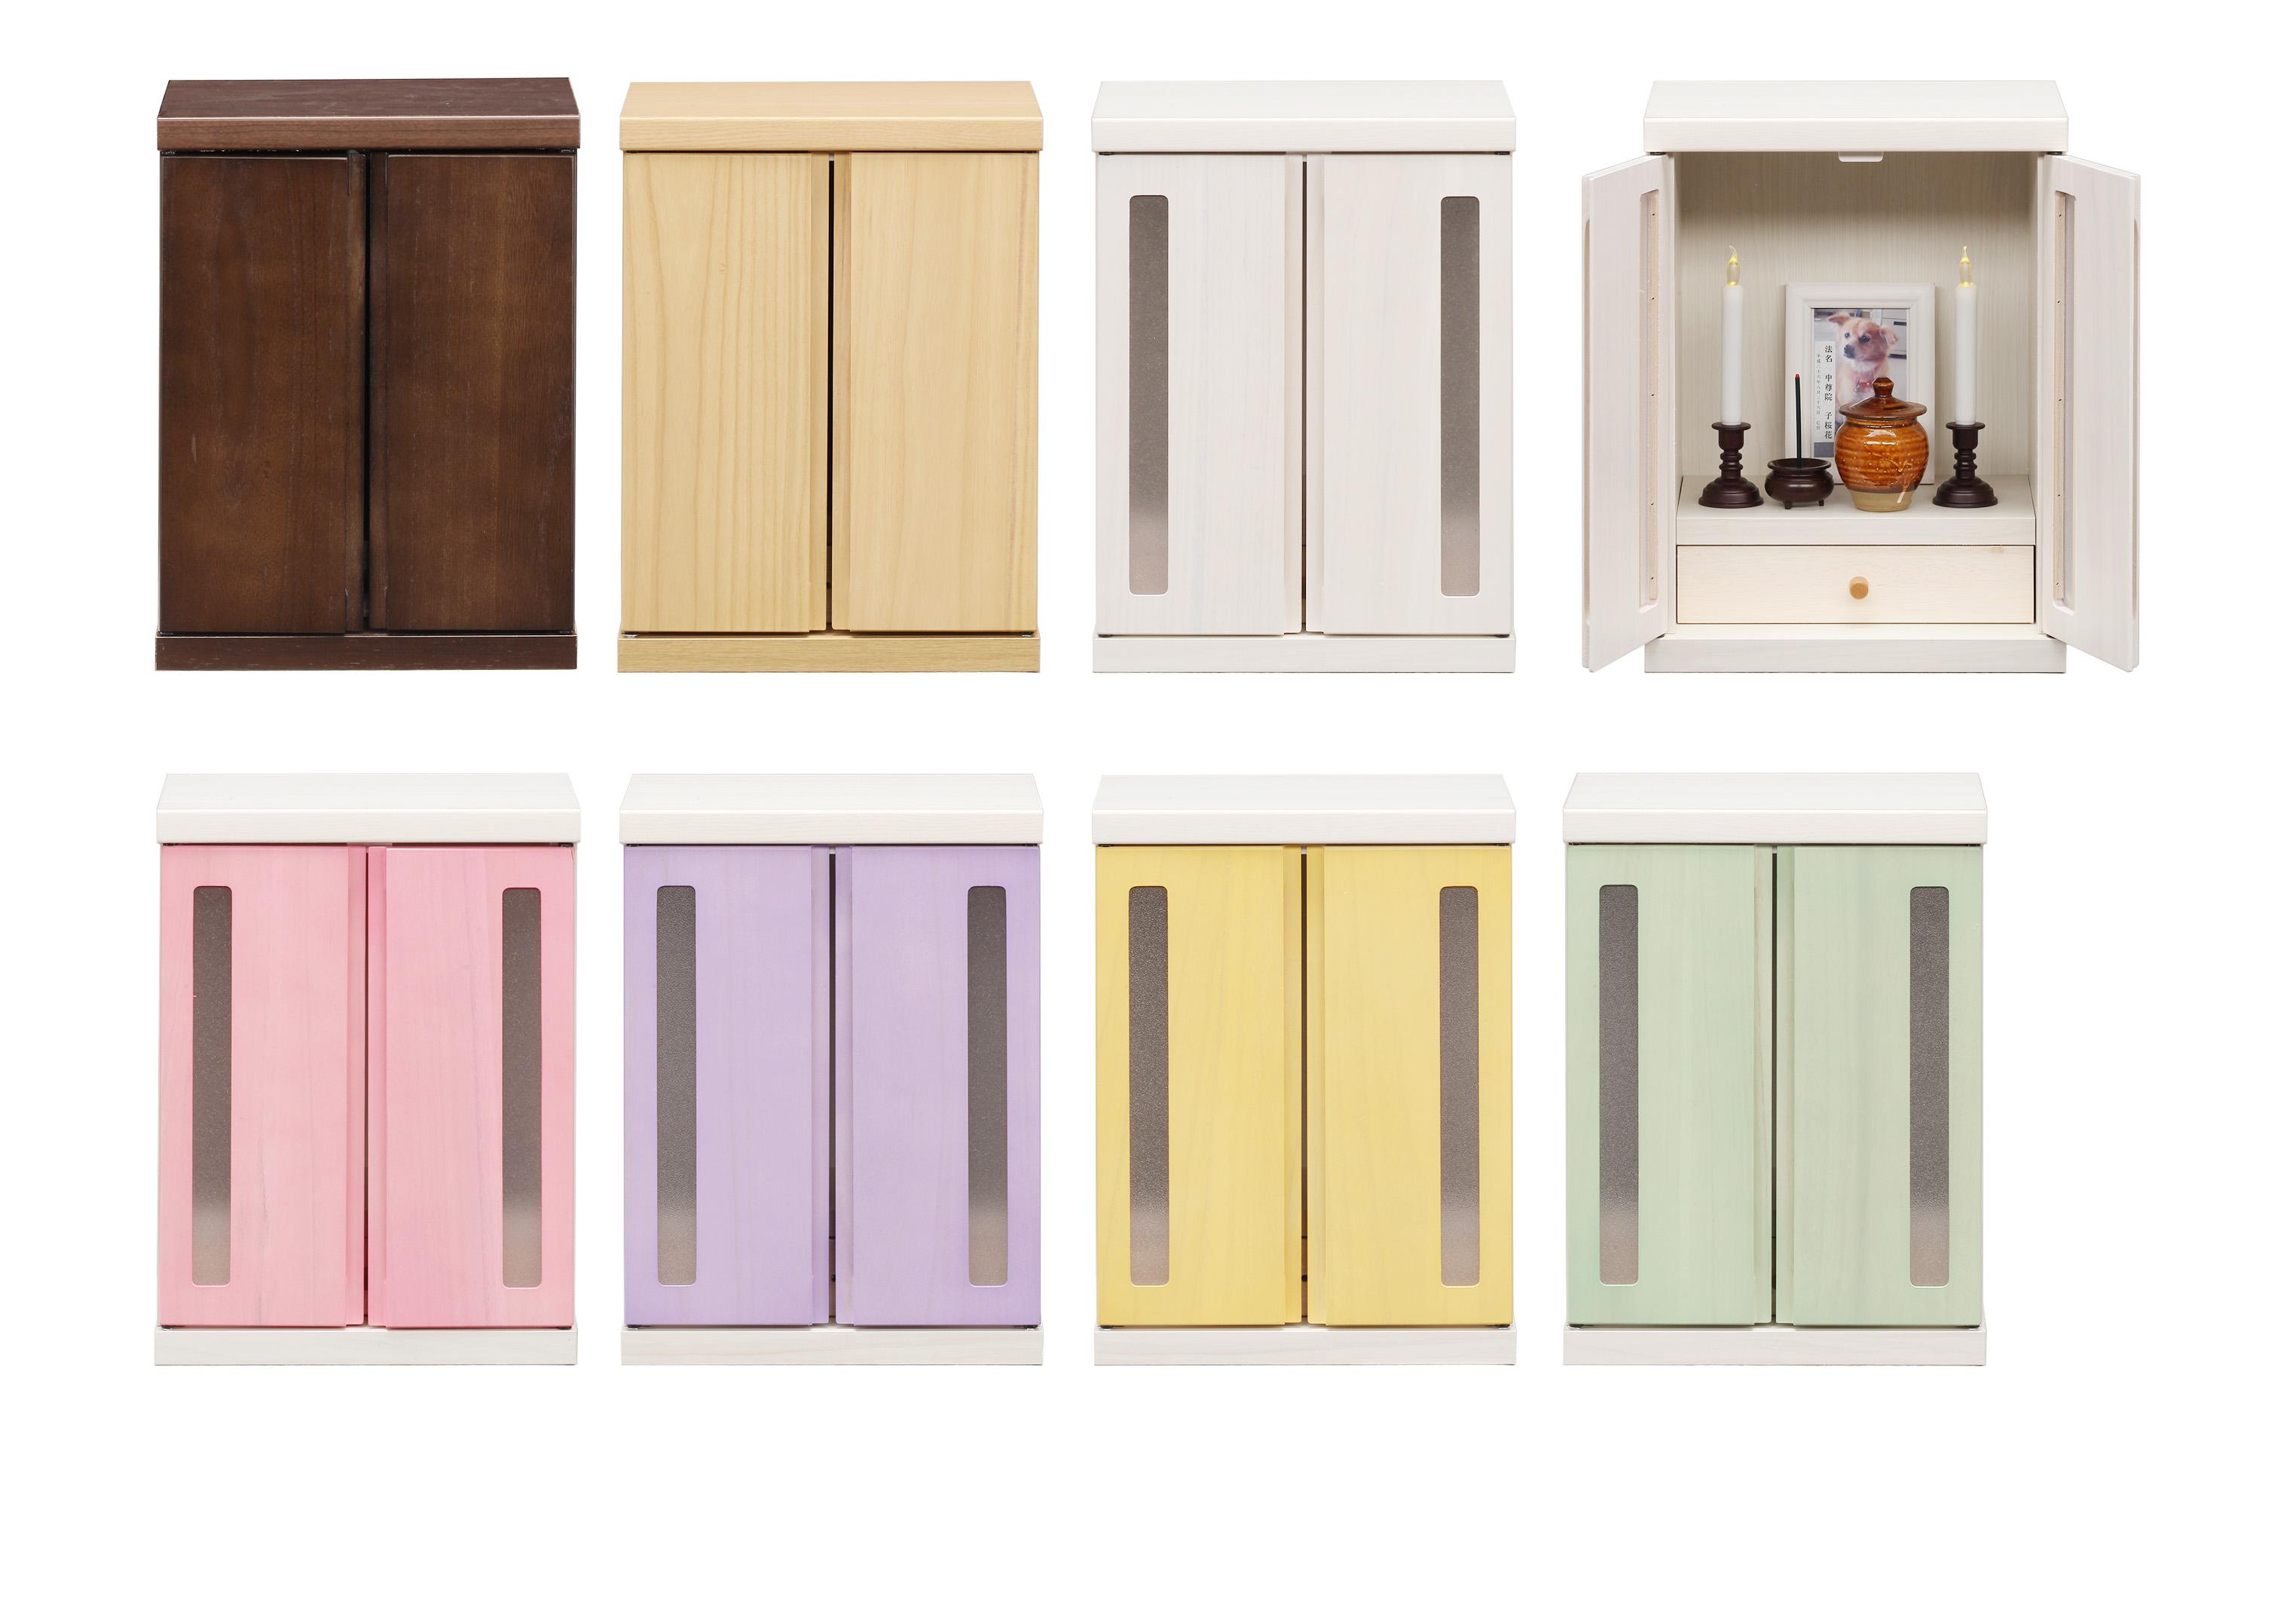 本店 いろんな思い出と想いをここに 今 話題のペット用家具 仏壇タンス 正規販売店 7色対応 いぬ 思い出に ねこ メモリアルボックス